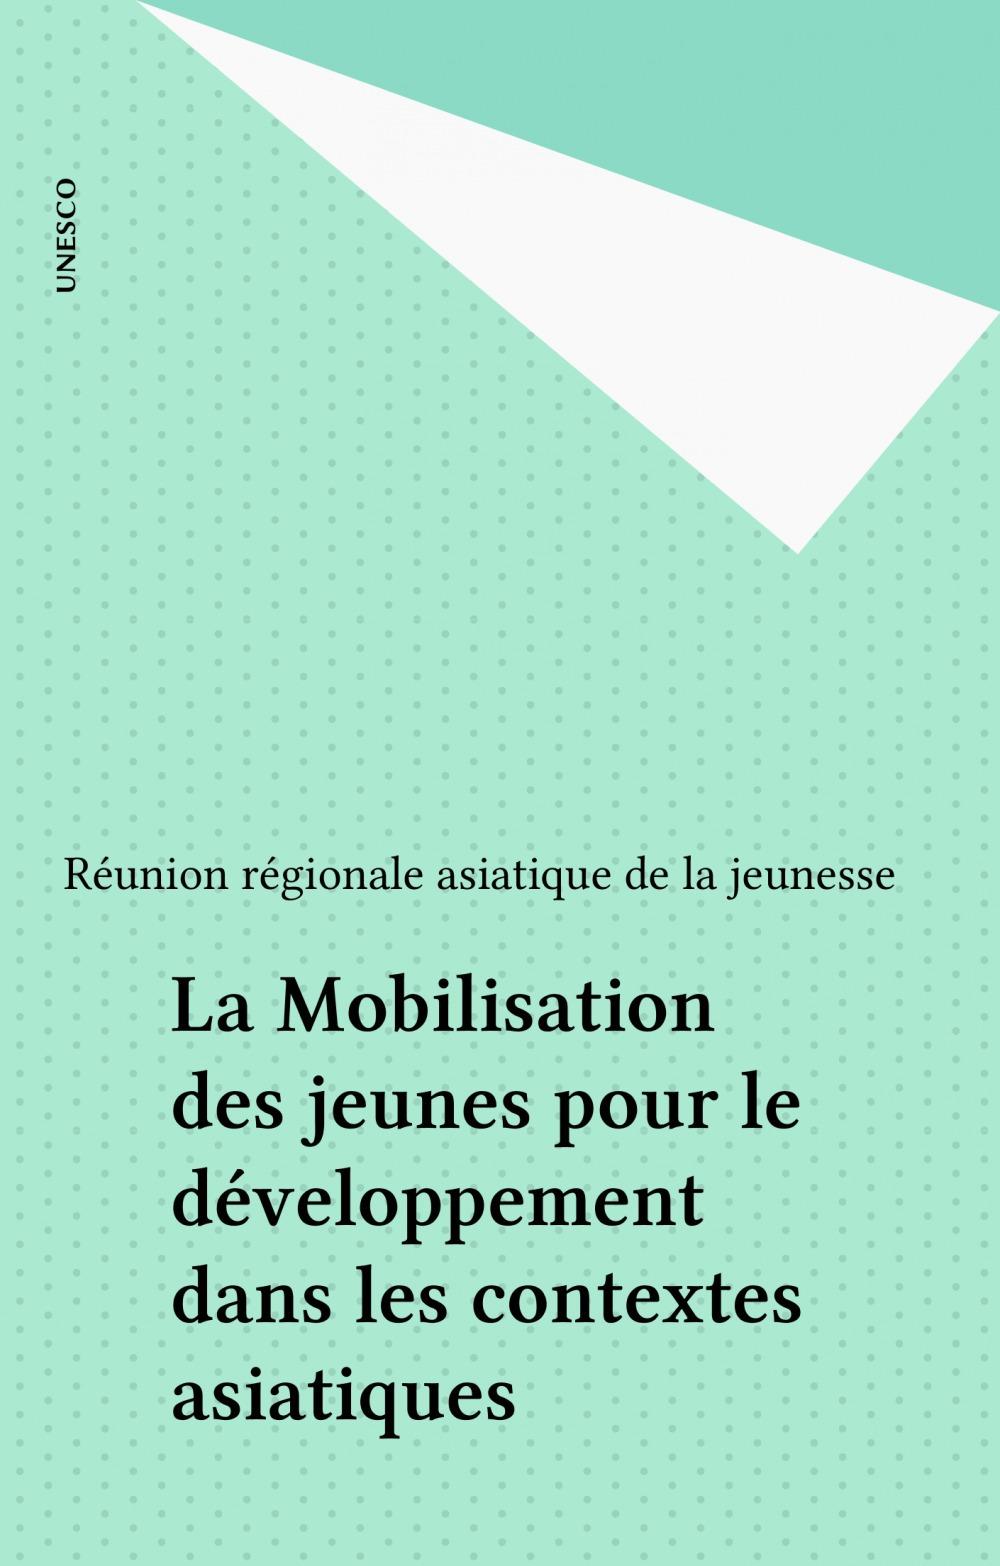 La Mobilisation des jeunes pour le développement dans les contextes asiatiques